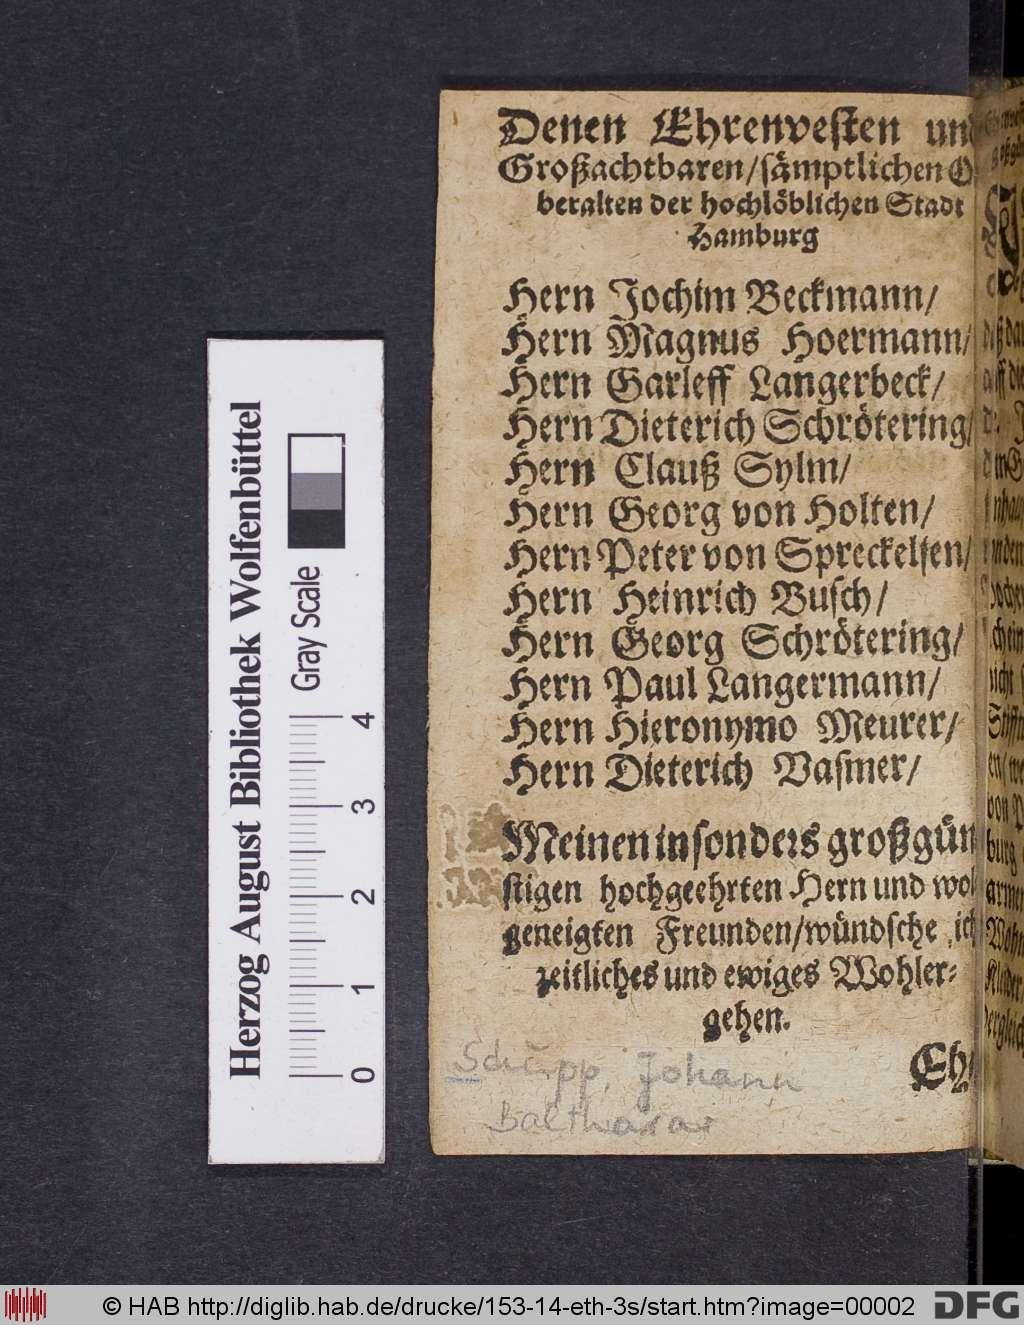 http://diglib.hab.de/drucke/153-14-eth-3s/00002.jpg